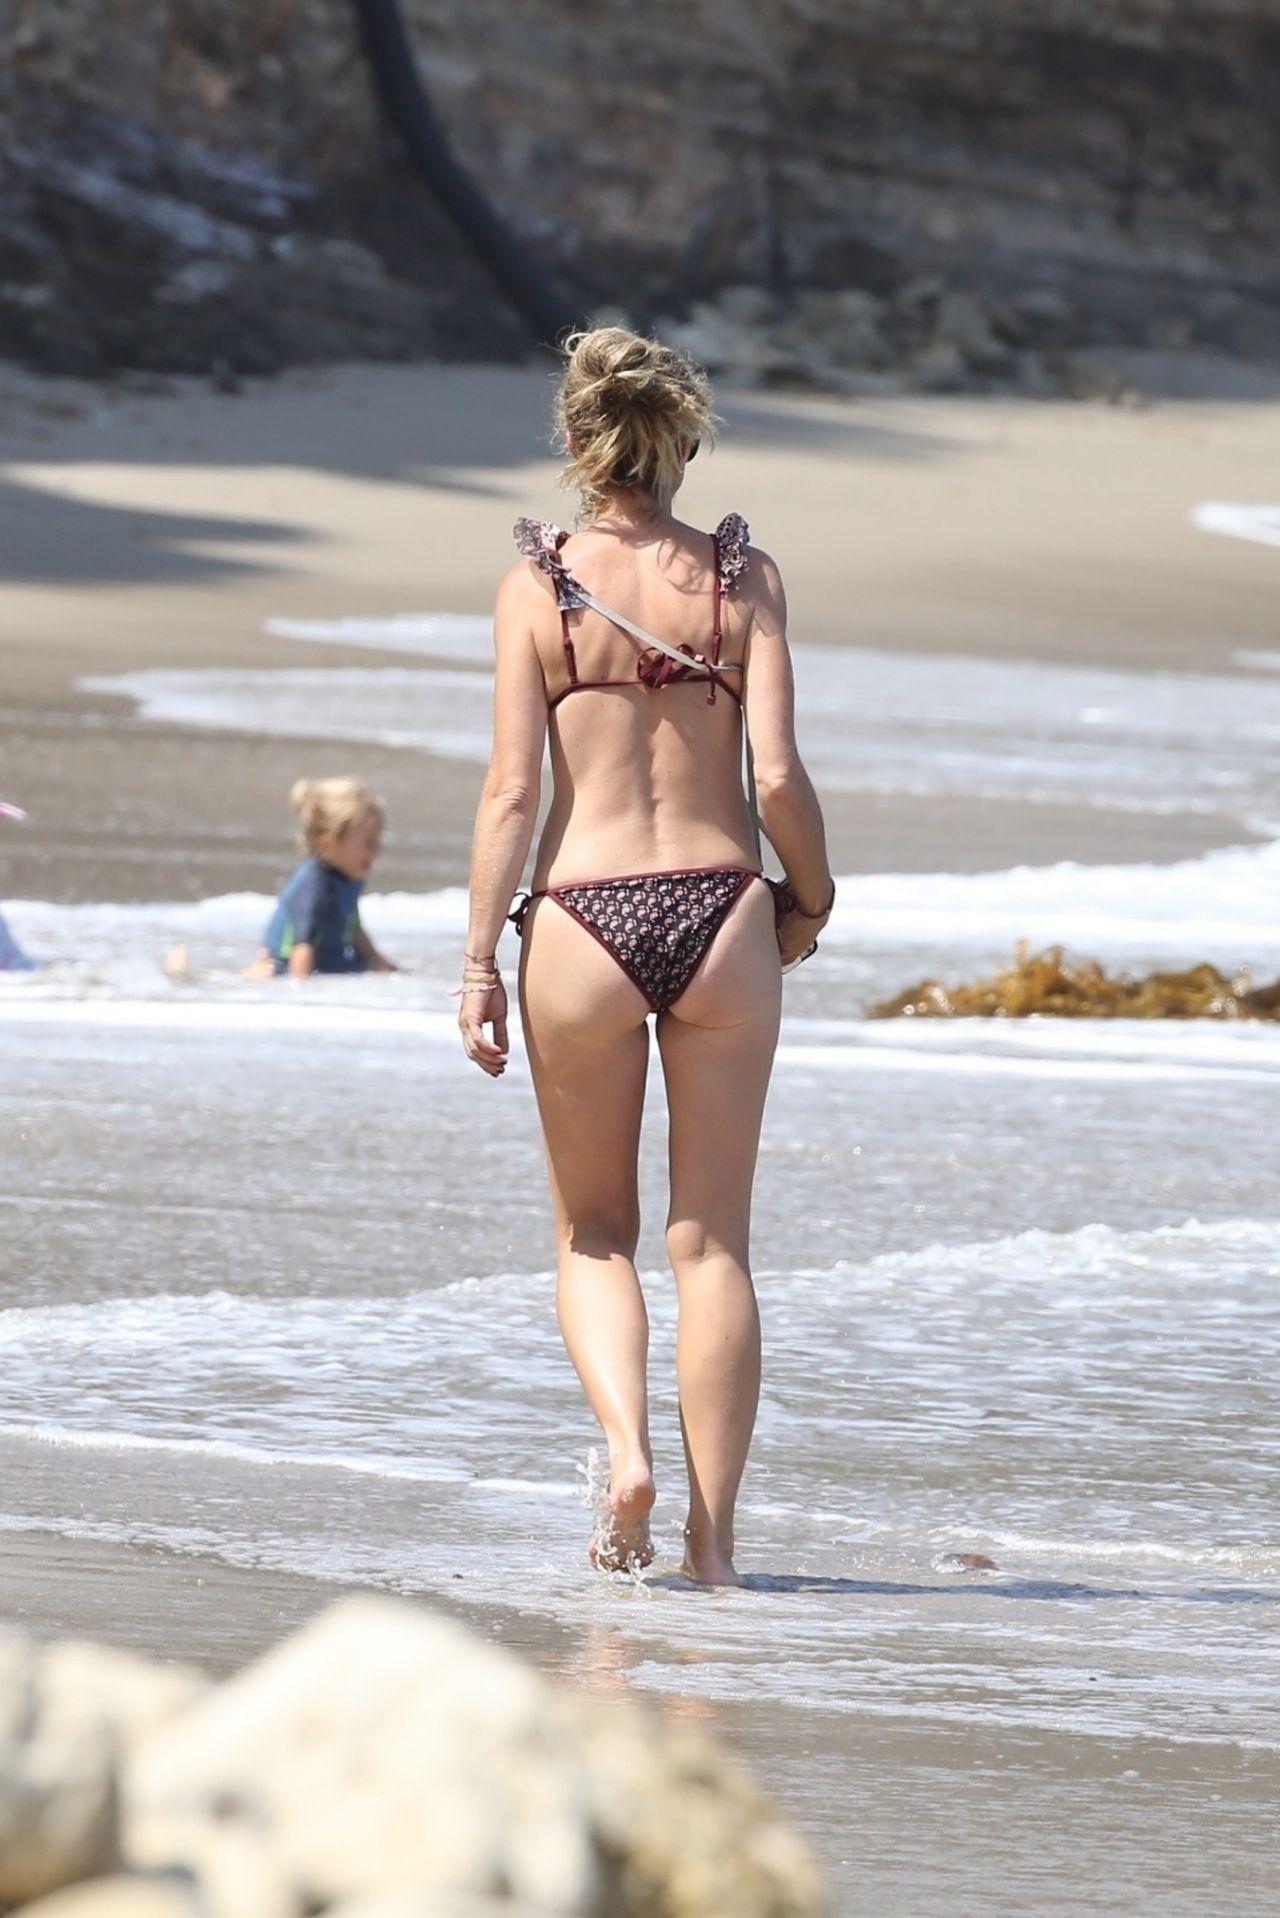 bikini Rebecca gayheart